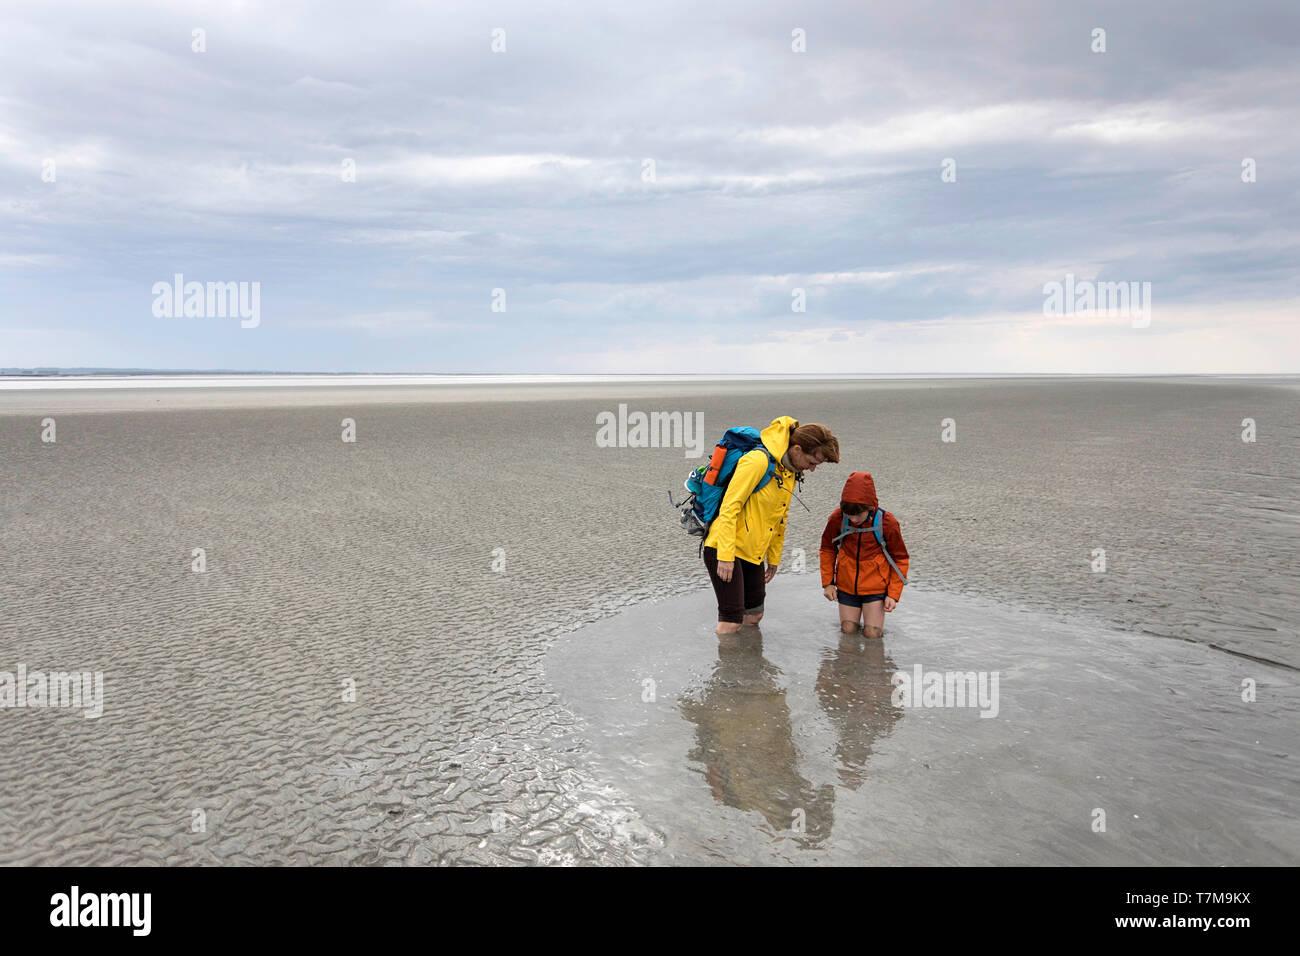 Man Sinking In Quicksand